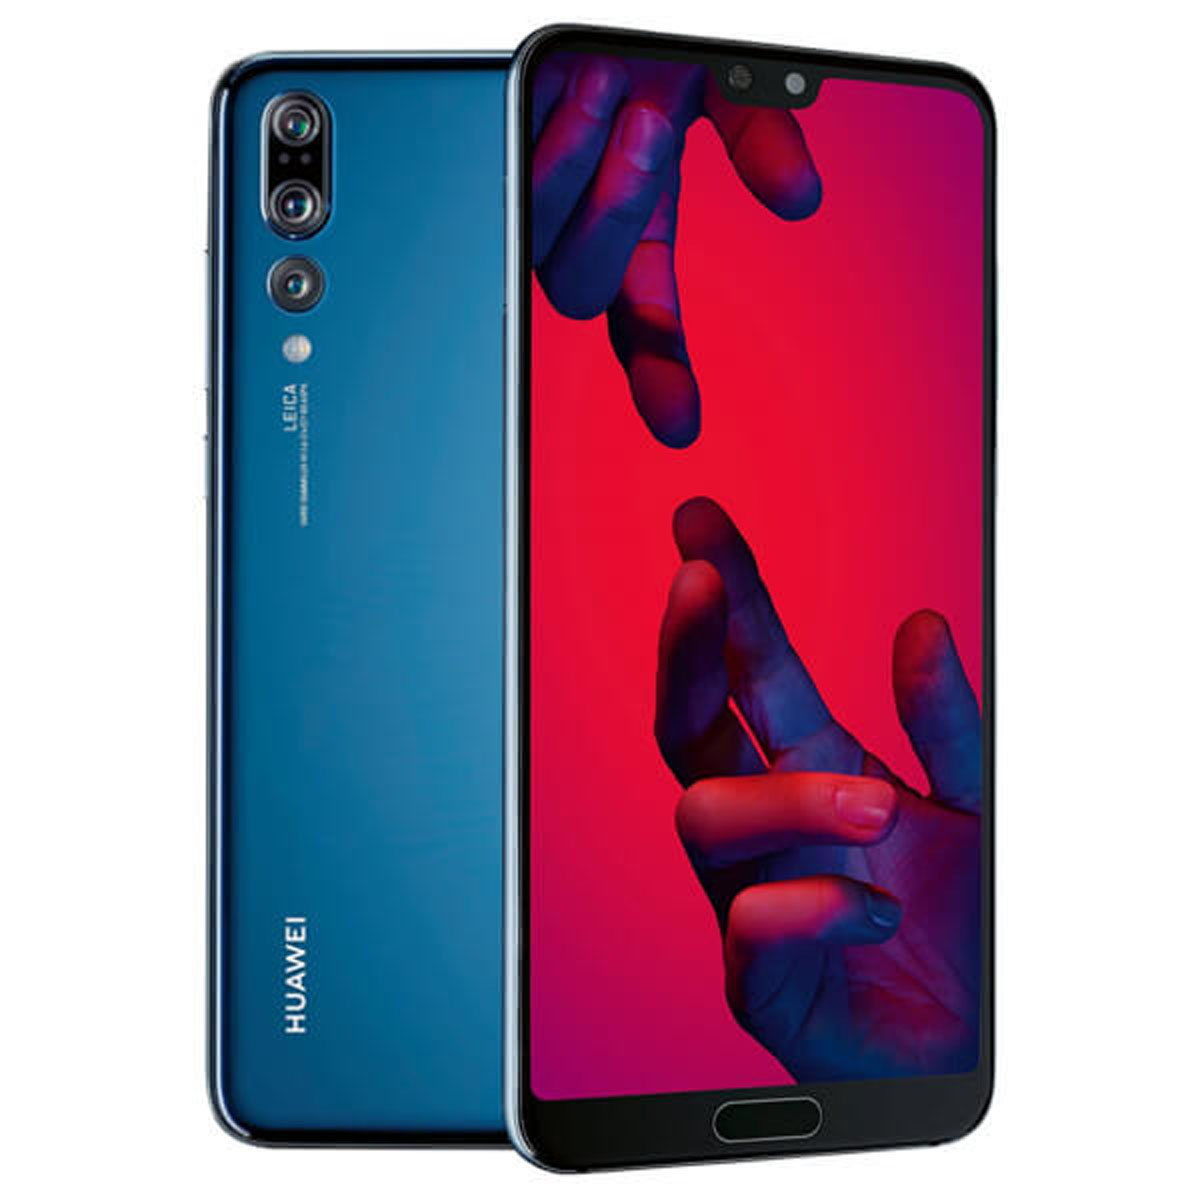 Huawei p20 pro 6gb/128gb azul dual